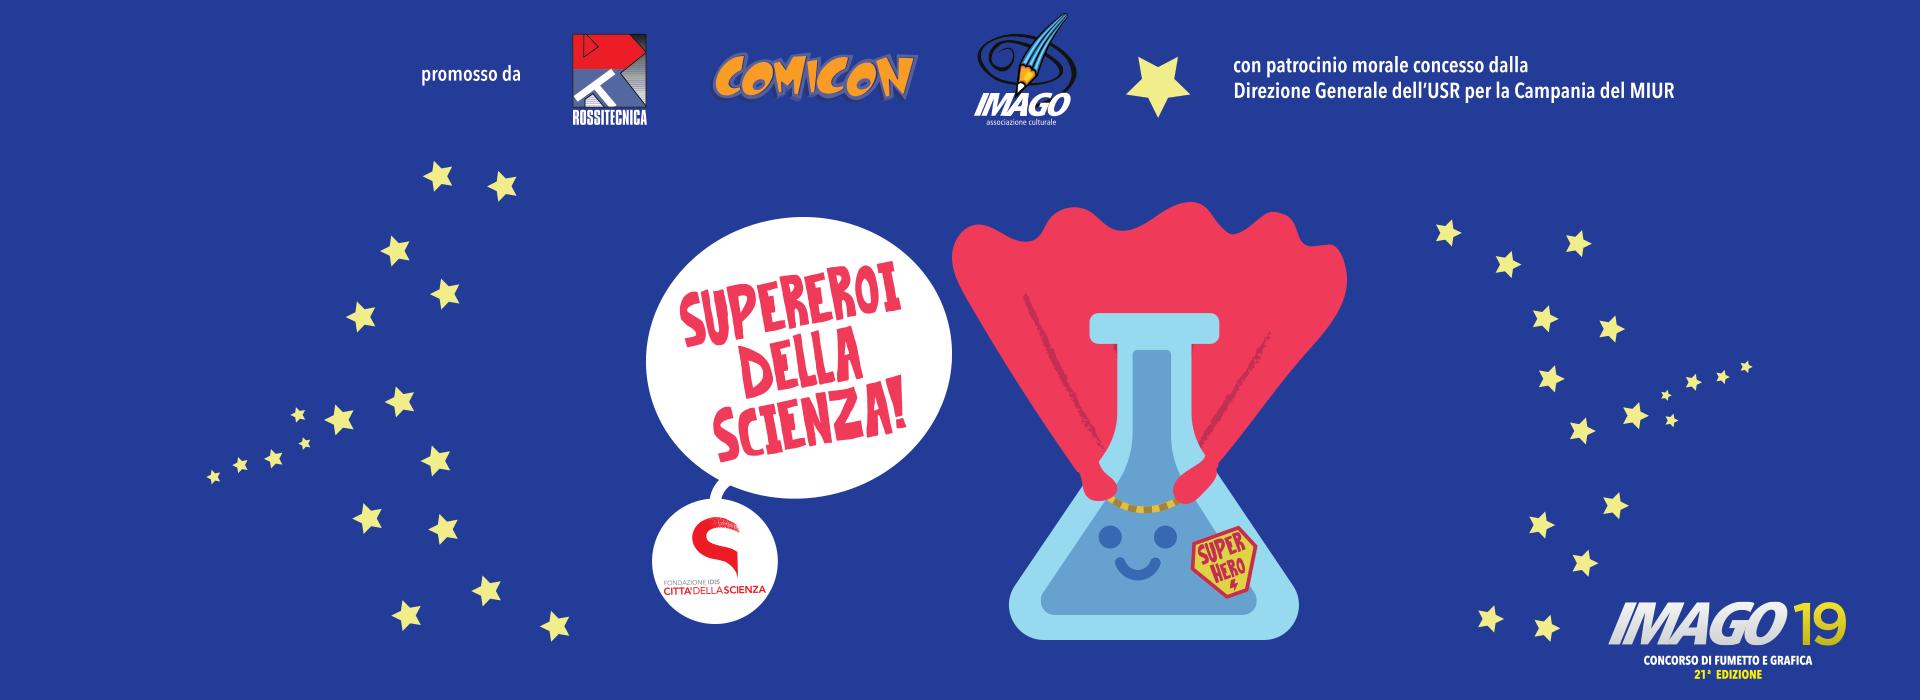 Comicon - Imago 2019 - Città della Scienza